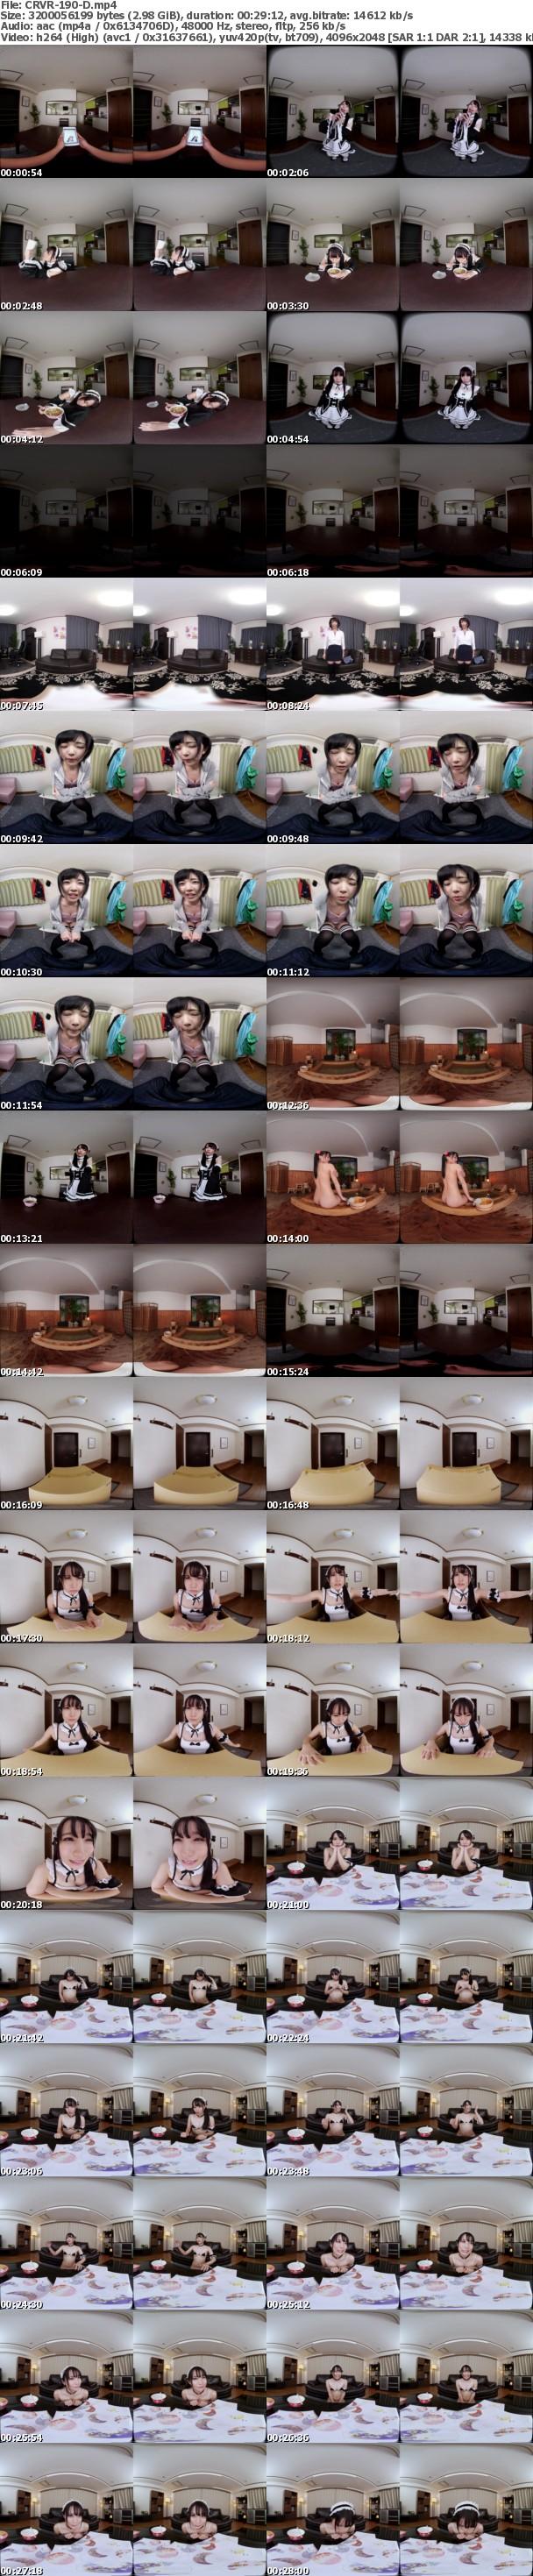 (VR) CRVR-190 枢木あおい 新・ボクのことを好き過ぎるご奉仕メイドとのなんともうらやましい日常。完全版